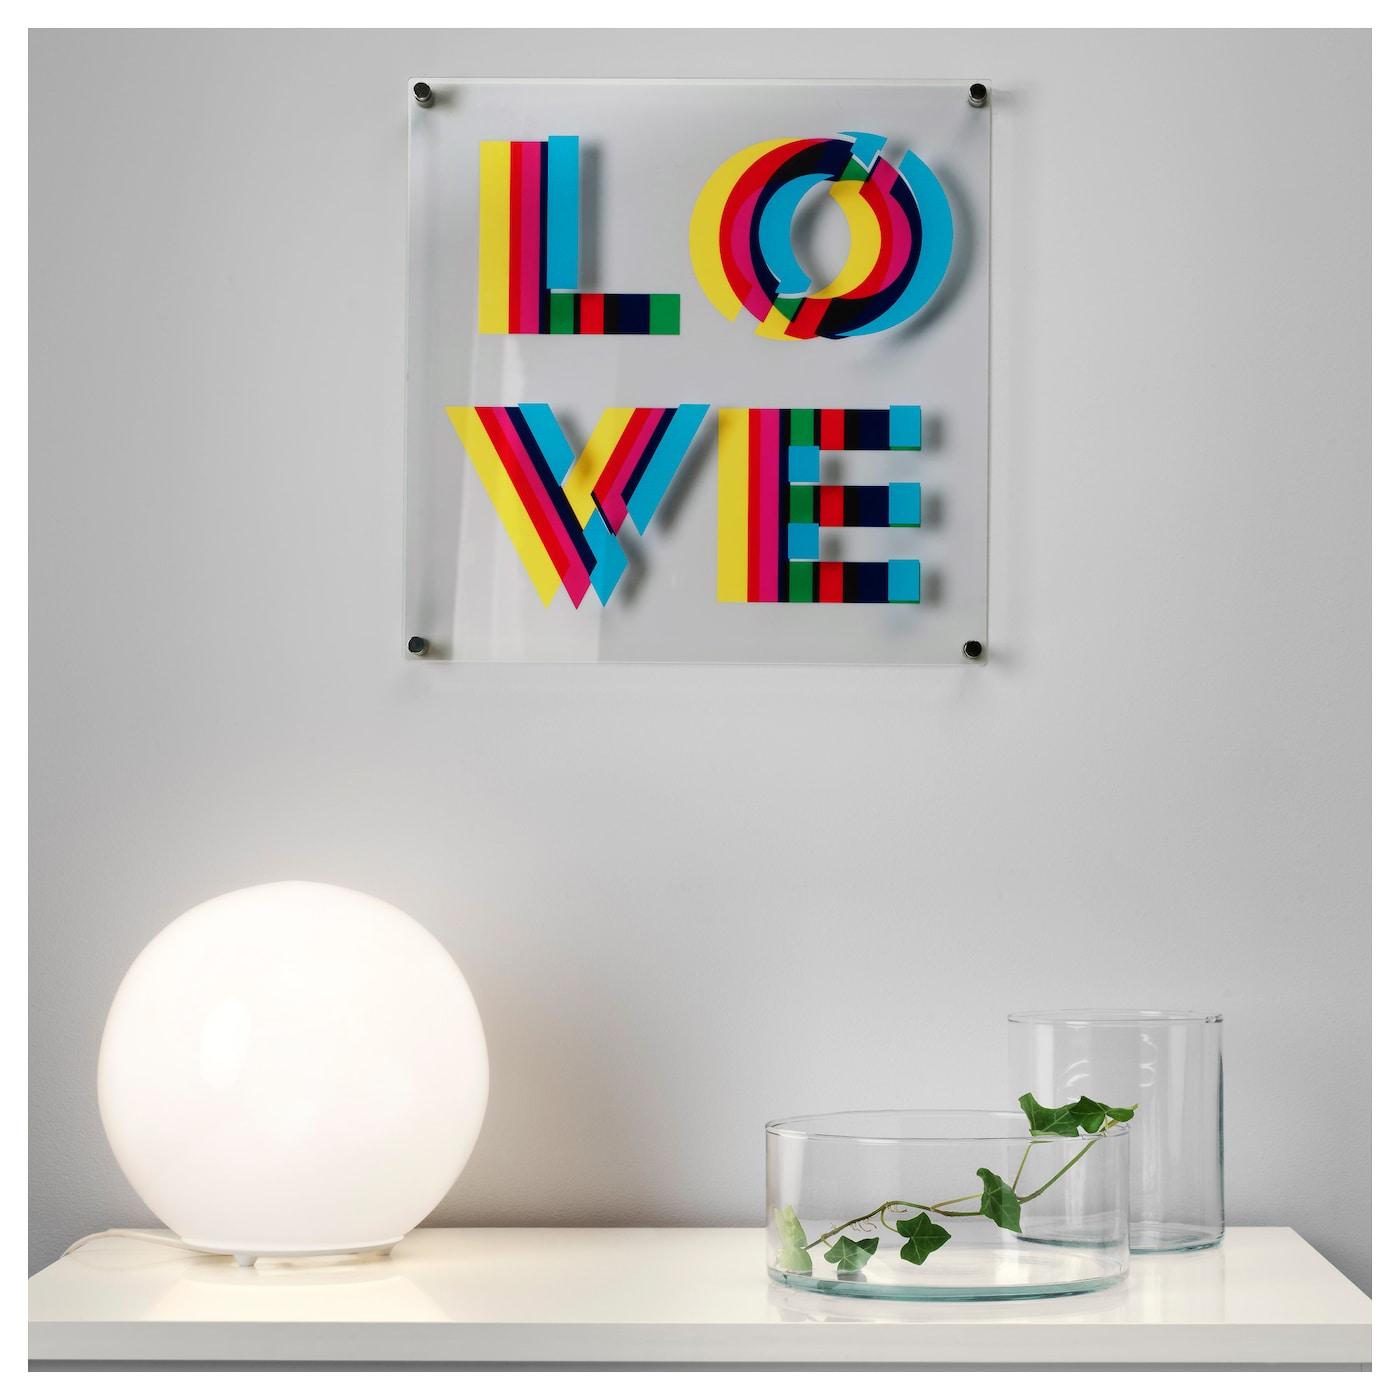 myttinge picture love 40x40 cm ikea. Black Bedroom Furniture Sets. Home Design Ideas